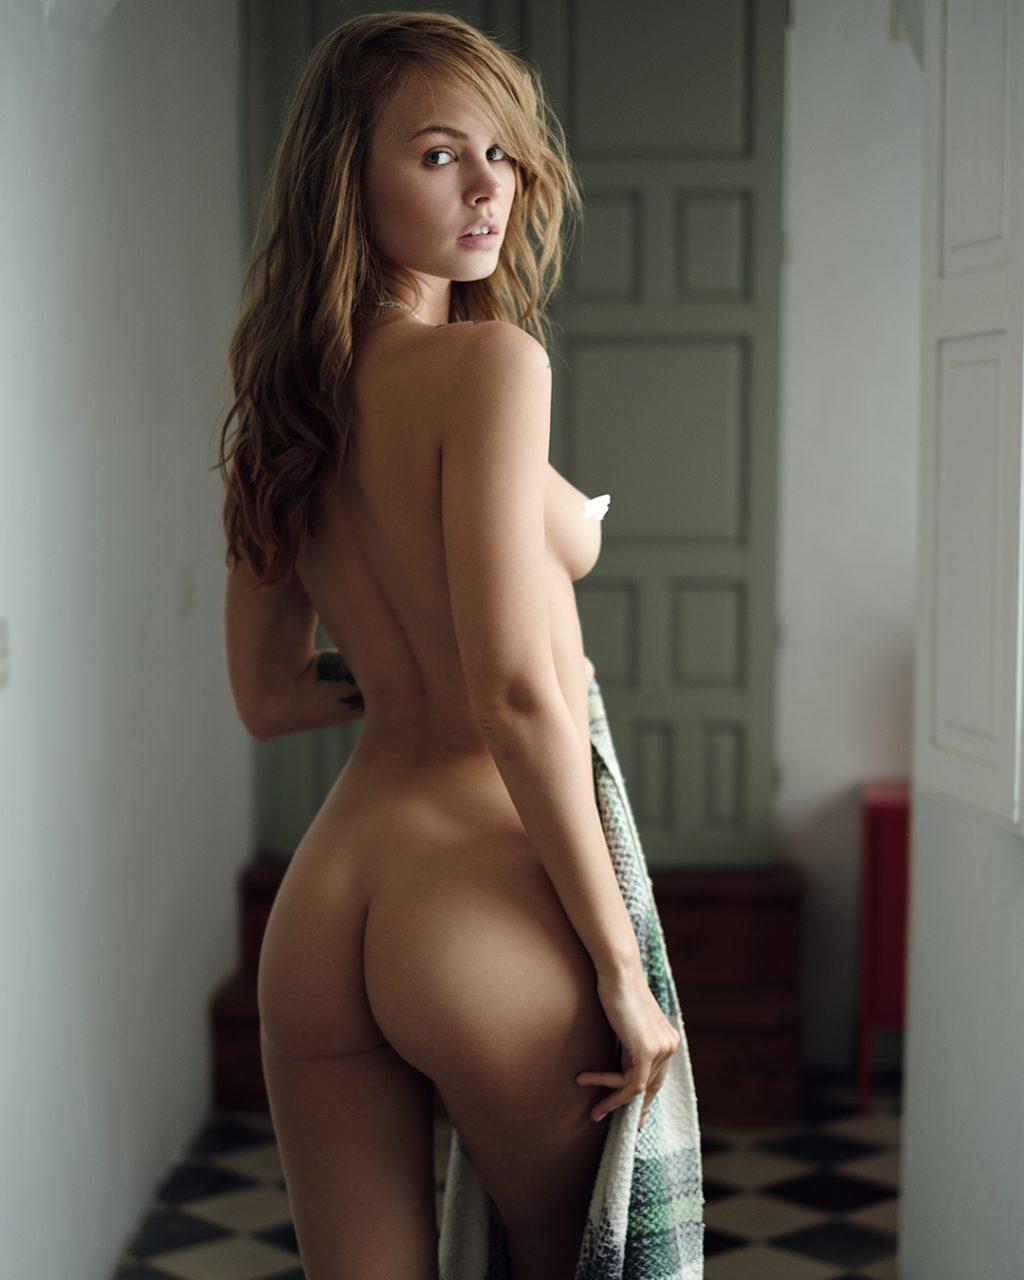 Anastasia Shcheglova Nude anastasiya scheglova topless 5 photos – ͡° ͜ʖ ͡° the | free